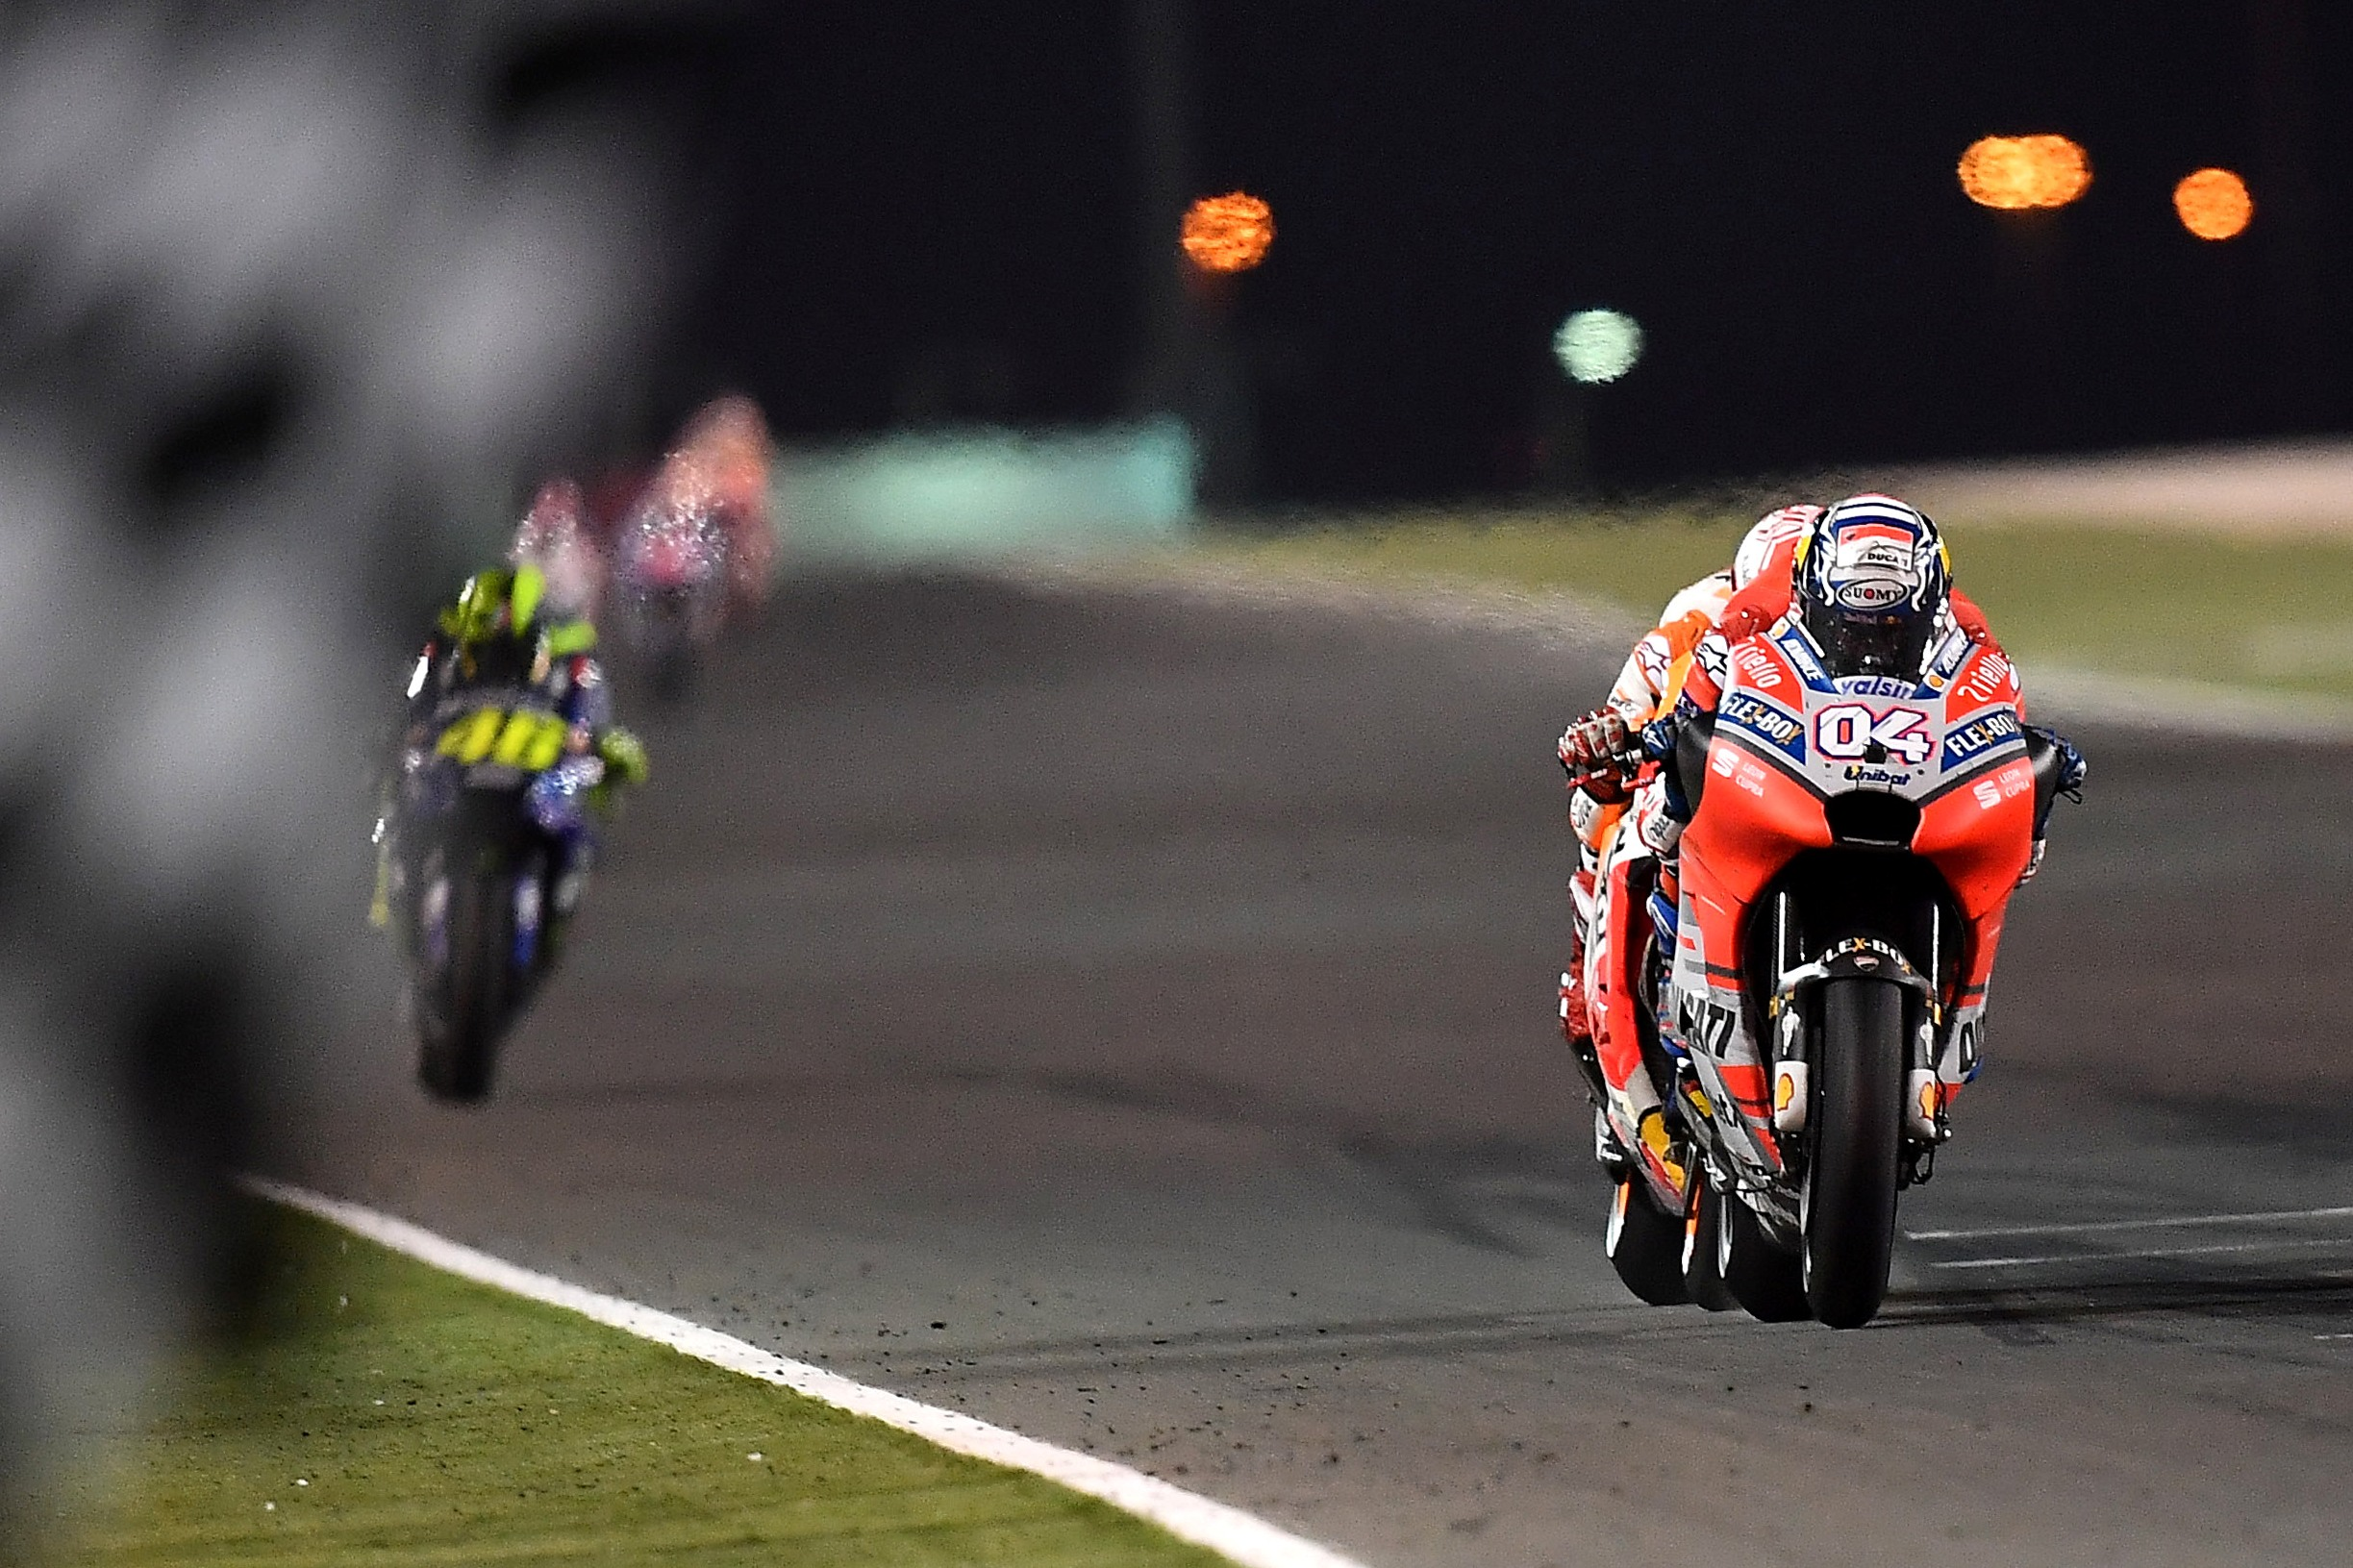 Motorsport: Ducati wins Qatar thriller